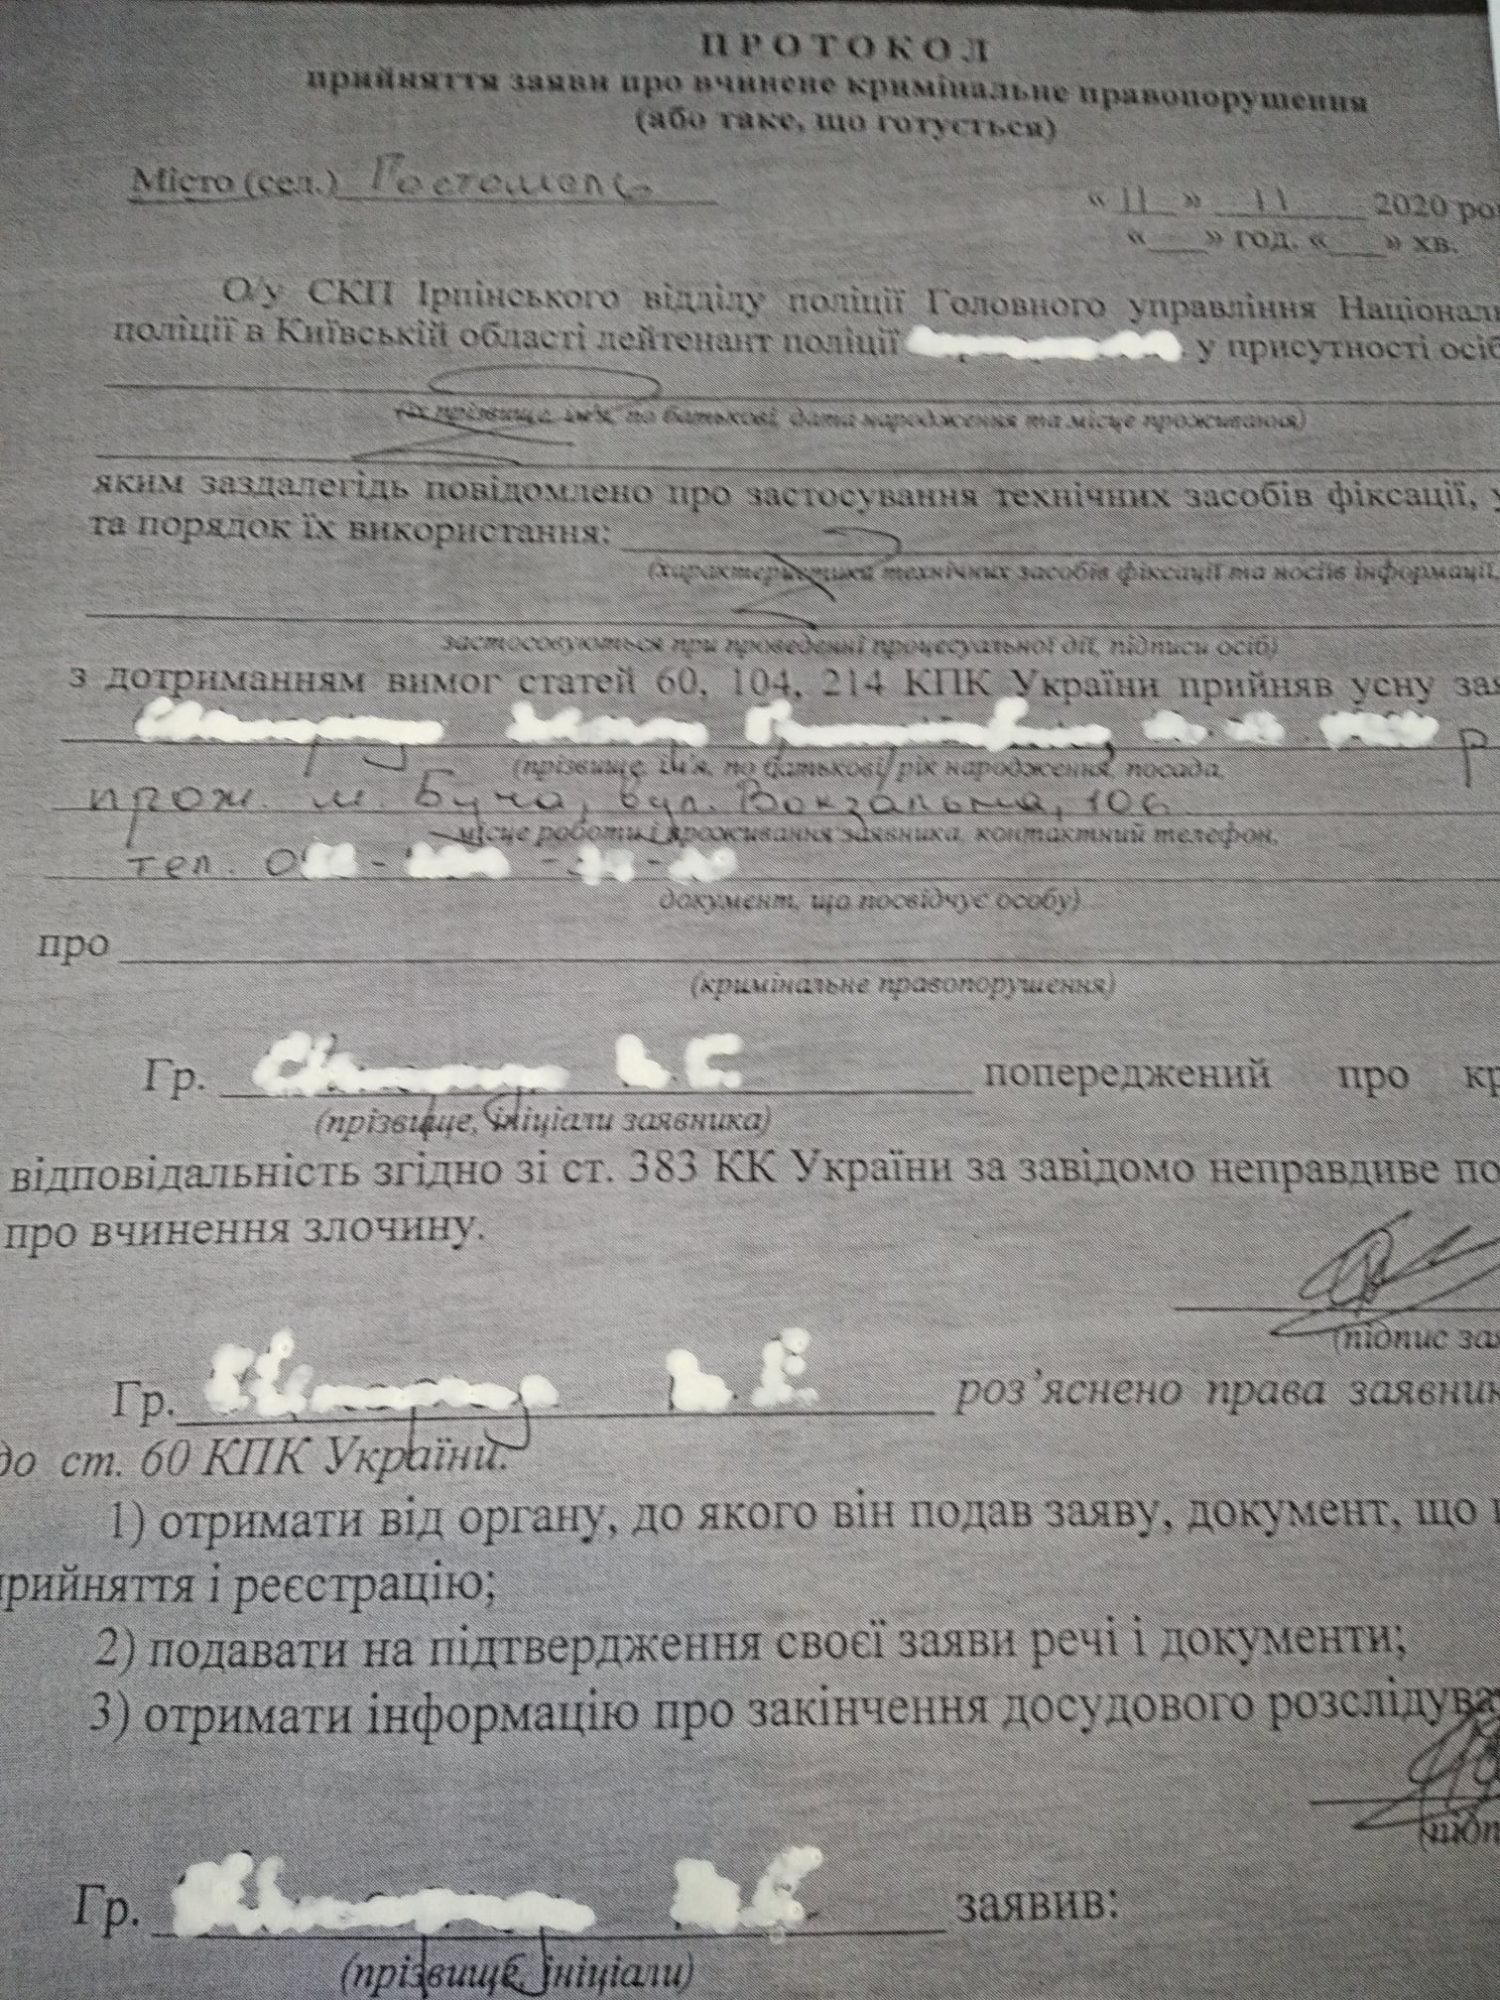 Шість установлених опор освітлення украли у Гостомелі - кримінал, крадіжка майна, київщина, Ірпінський відділ поліції, Гостомельська ОТГ - Gost ukr opory 2 1500x2000